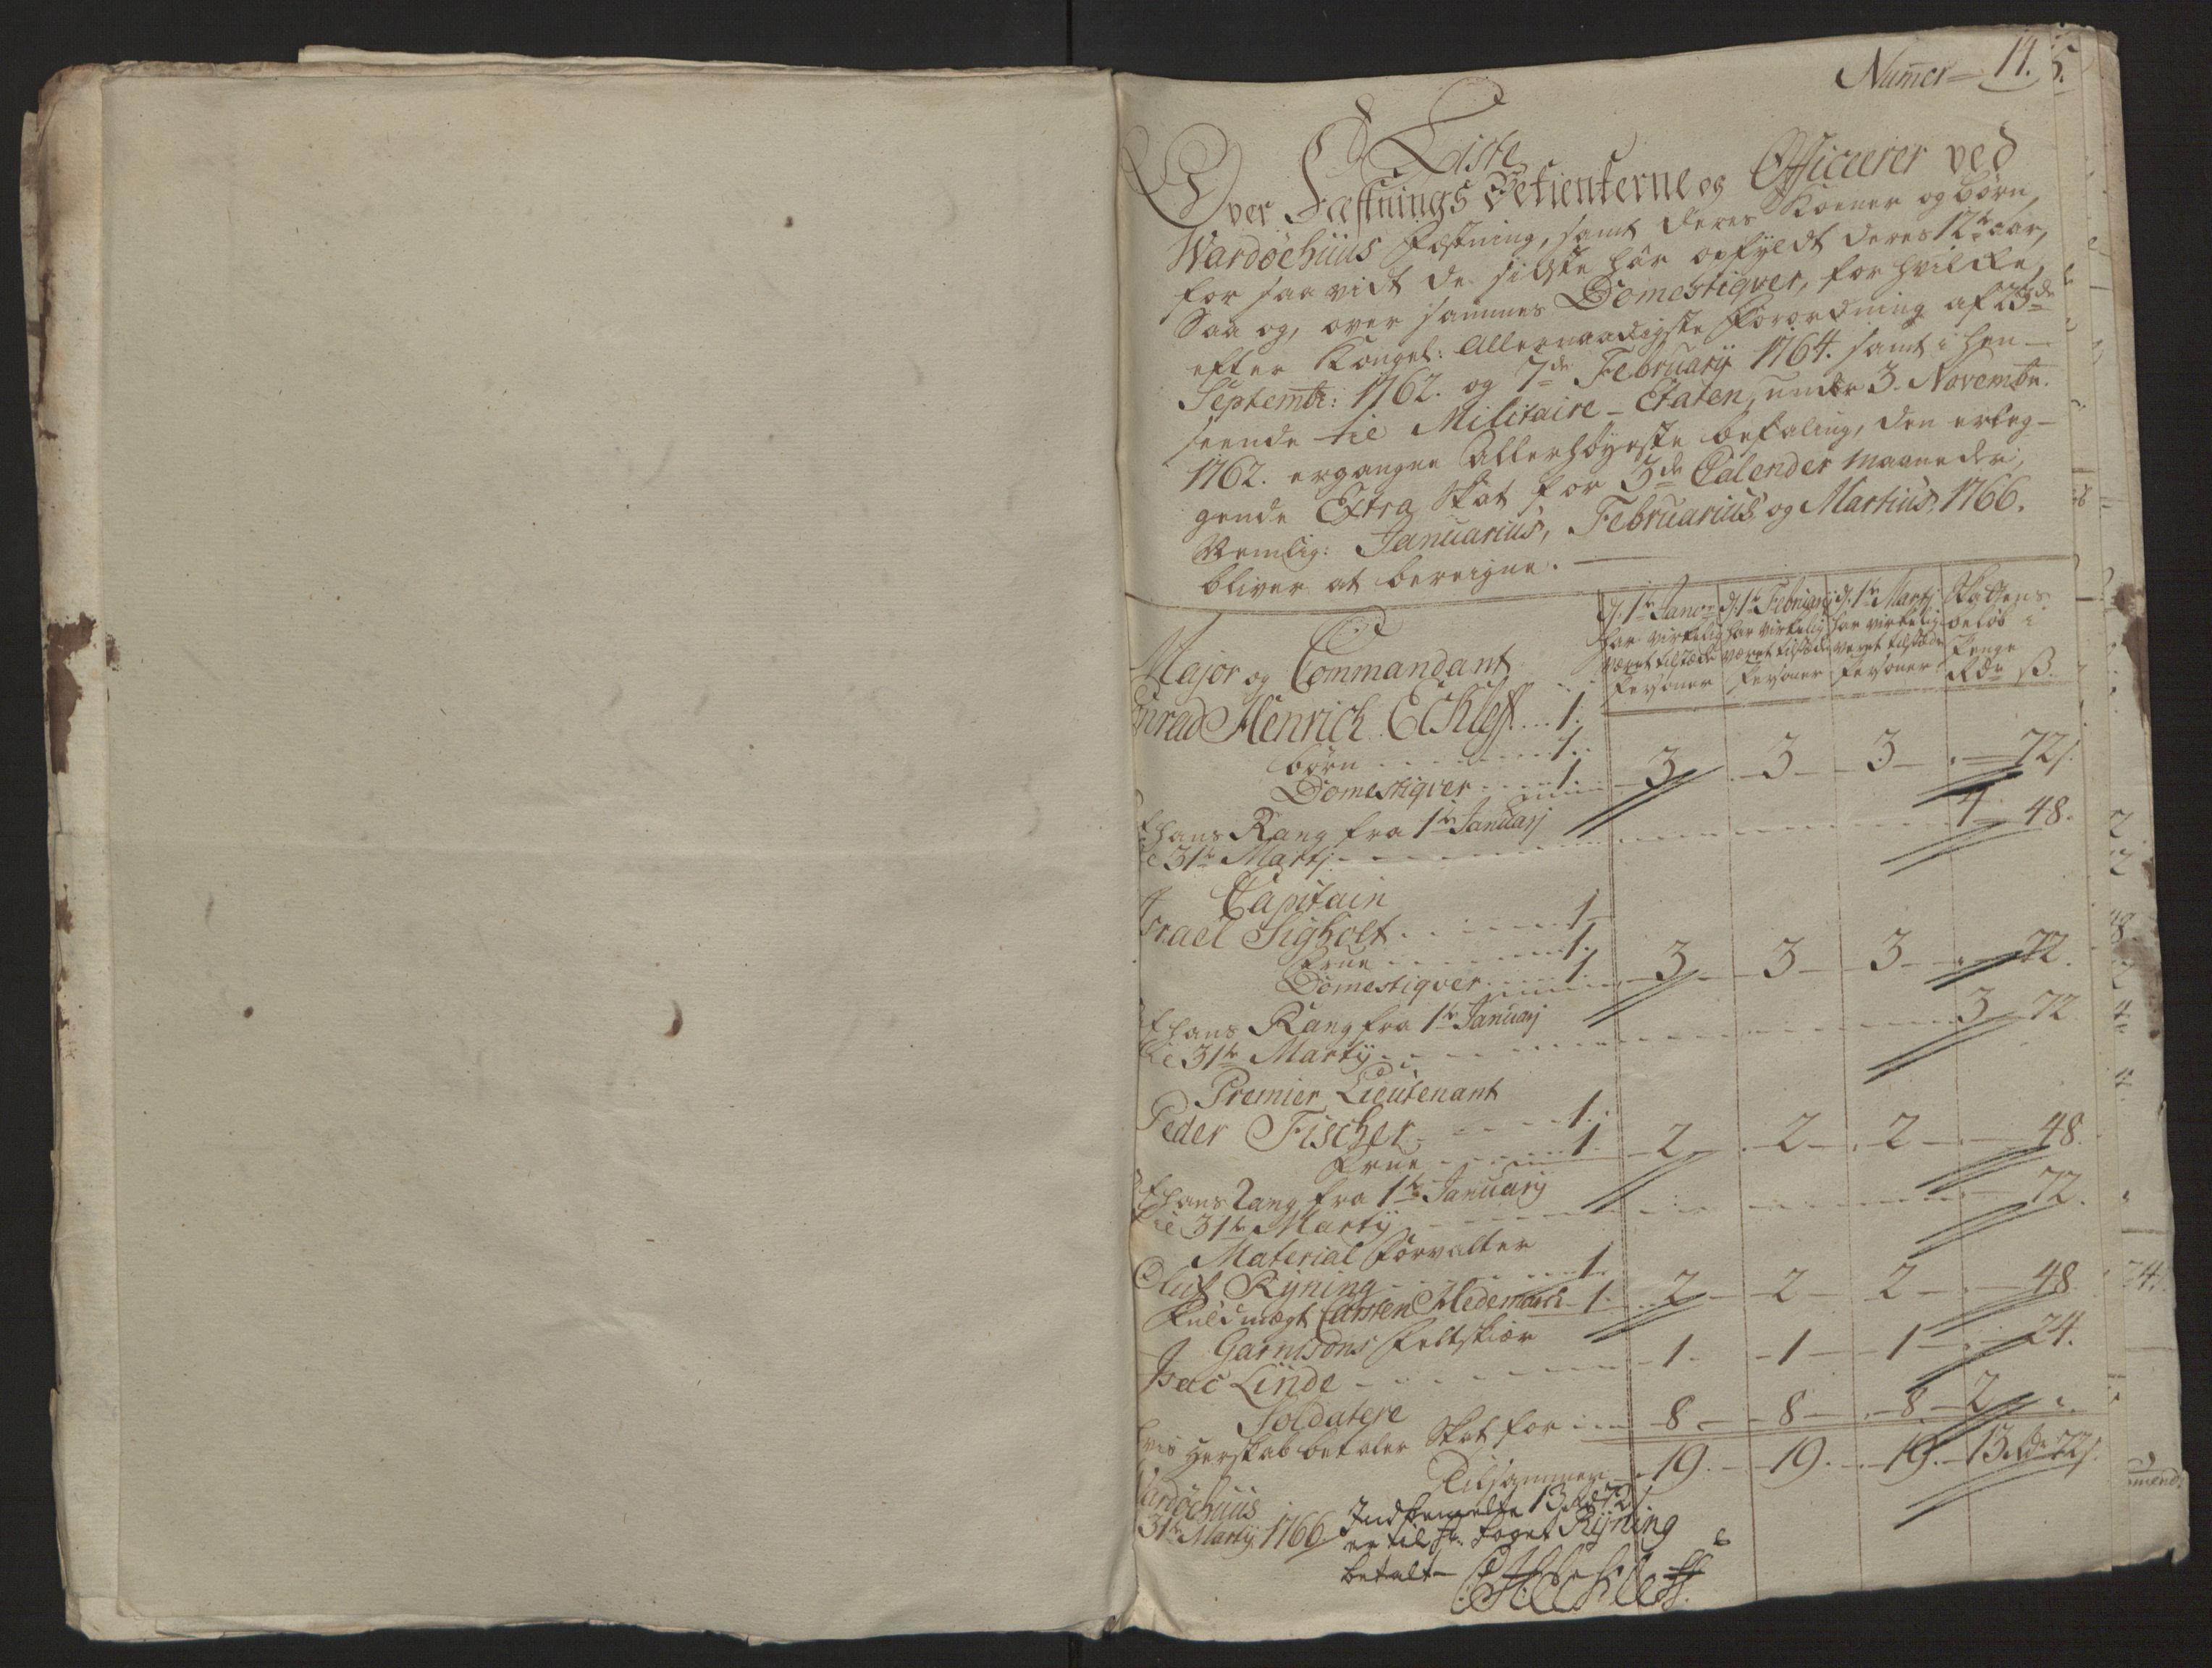 RA, Rentekammeret inntil 1814, Reviderte regnskaper, Fogderegnskap, R69/L4910: Ekstraskatten  Finnmark/Vardøhus, 1762-1772, s. 200